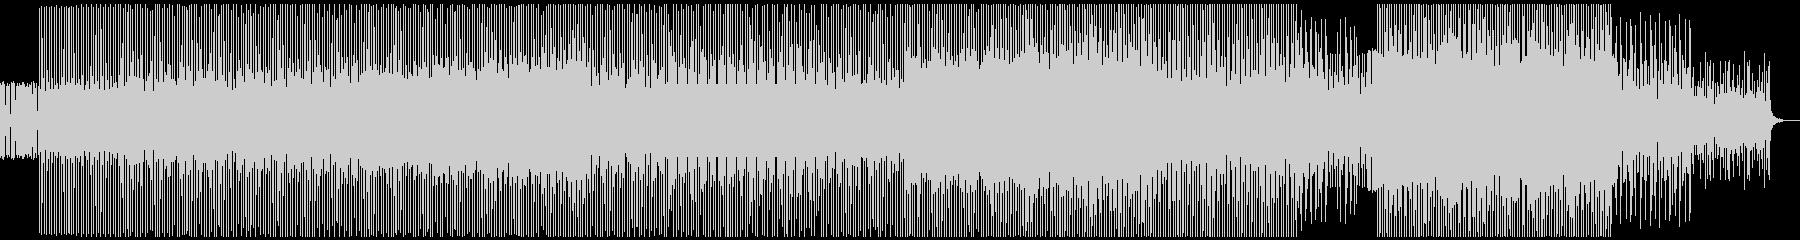 ループミュージック!オーガニックハウスの未再生の波形